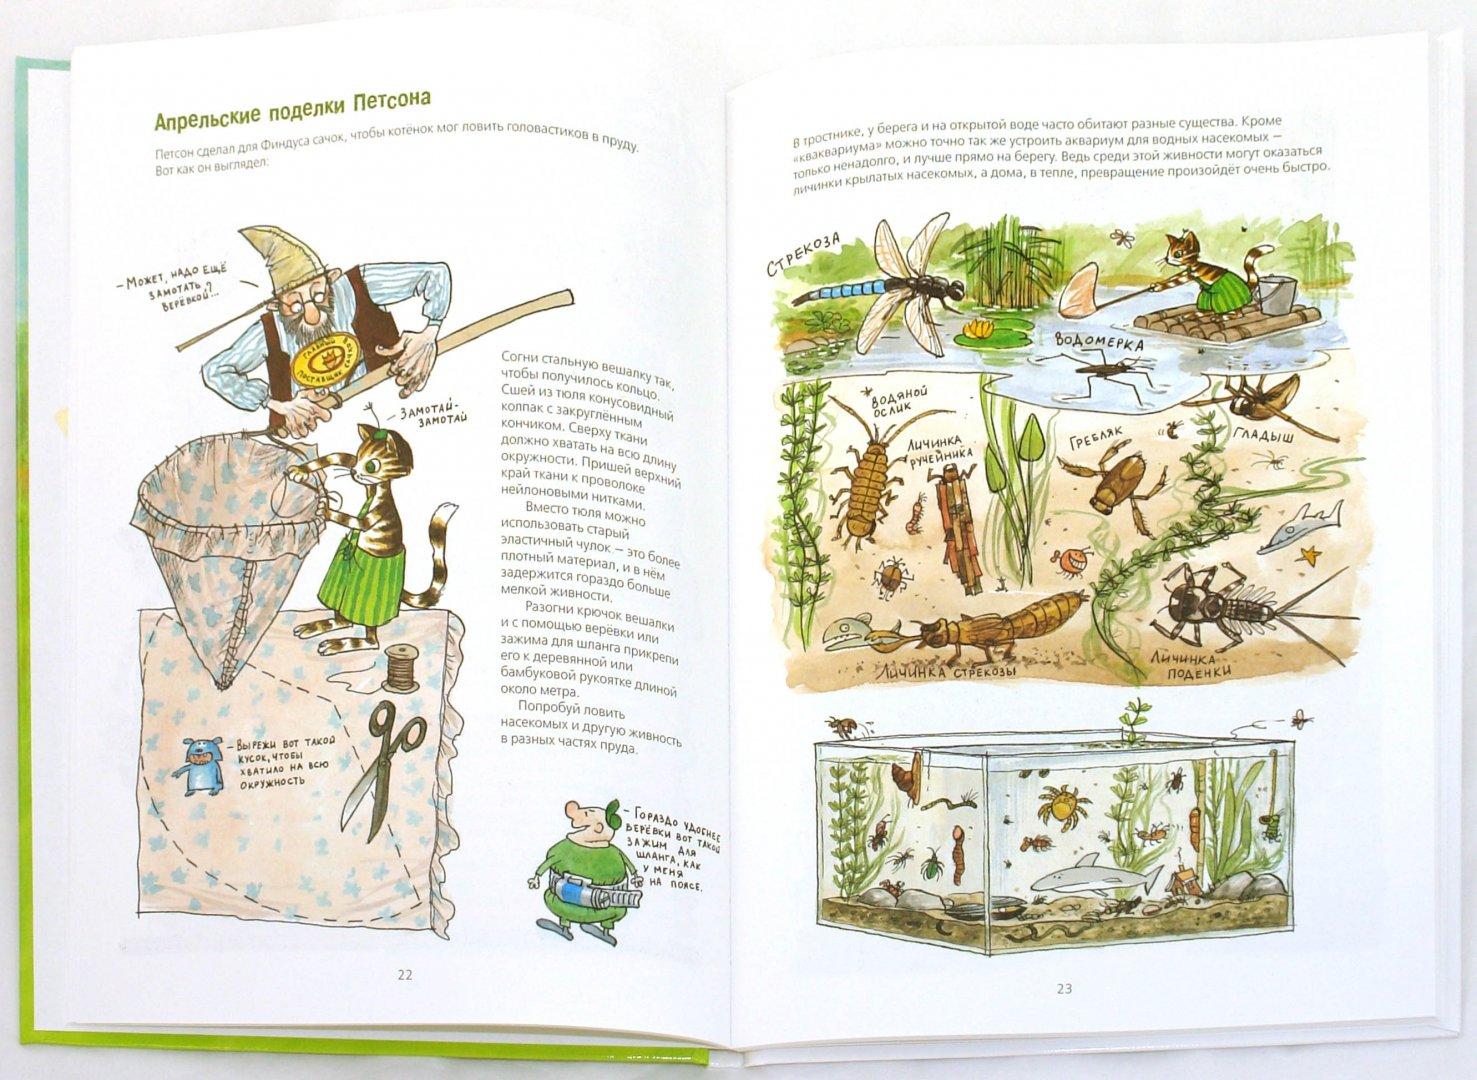 Иллюстрация 1 из 22 для Проделки Финдуса - Нурдквист, Ларсон, Даниельсон | Лабиринт - книги. Источник: Лабиринт